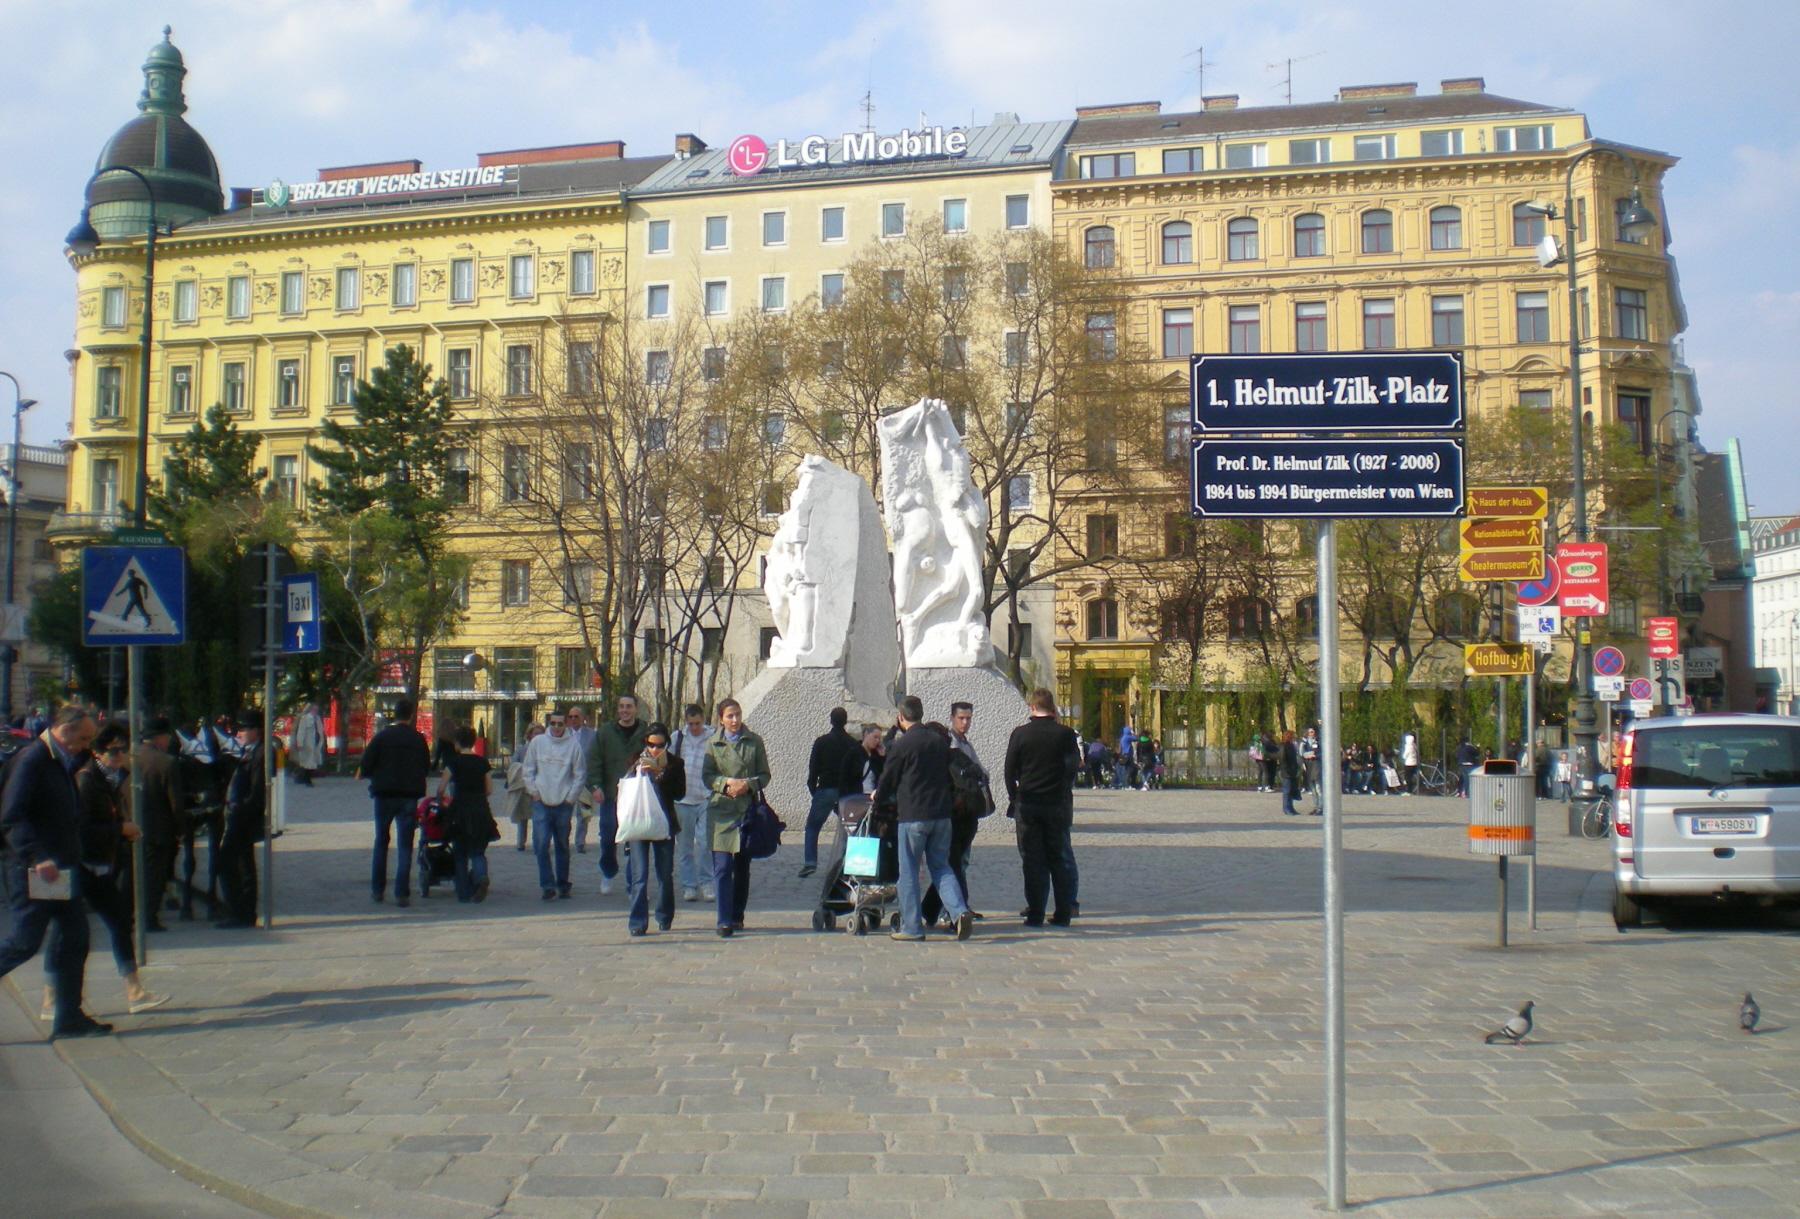 GuentherZ 2010-04-21 6574 Wien01 Helmut-Zilk-Platz.jpg